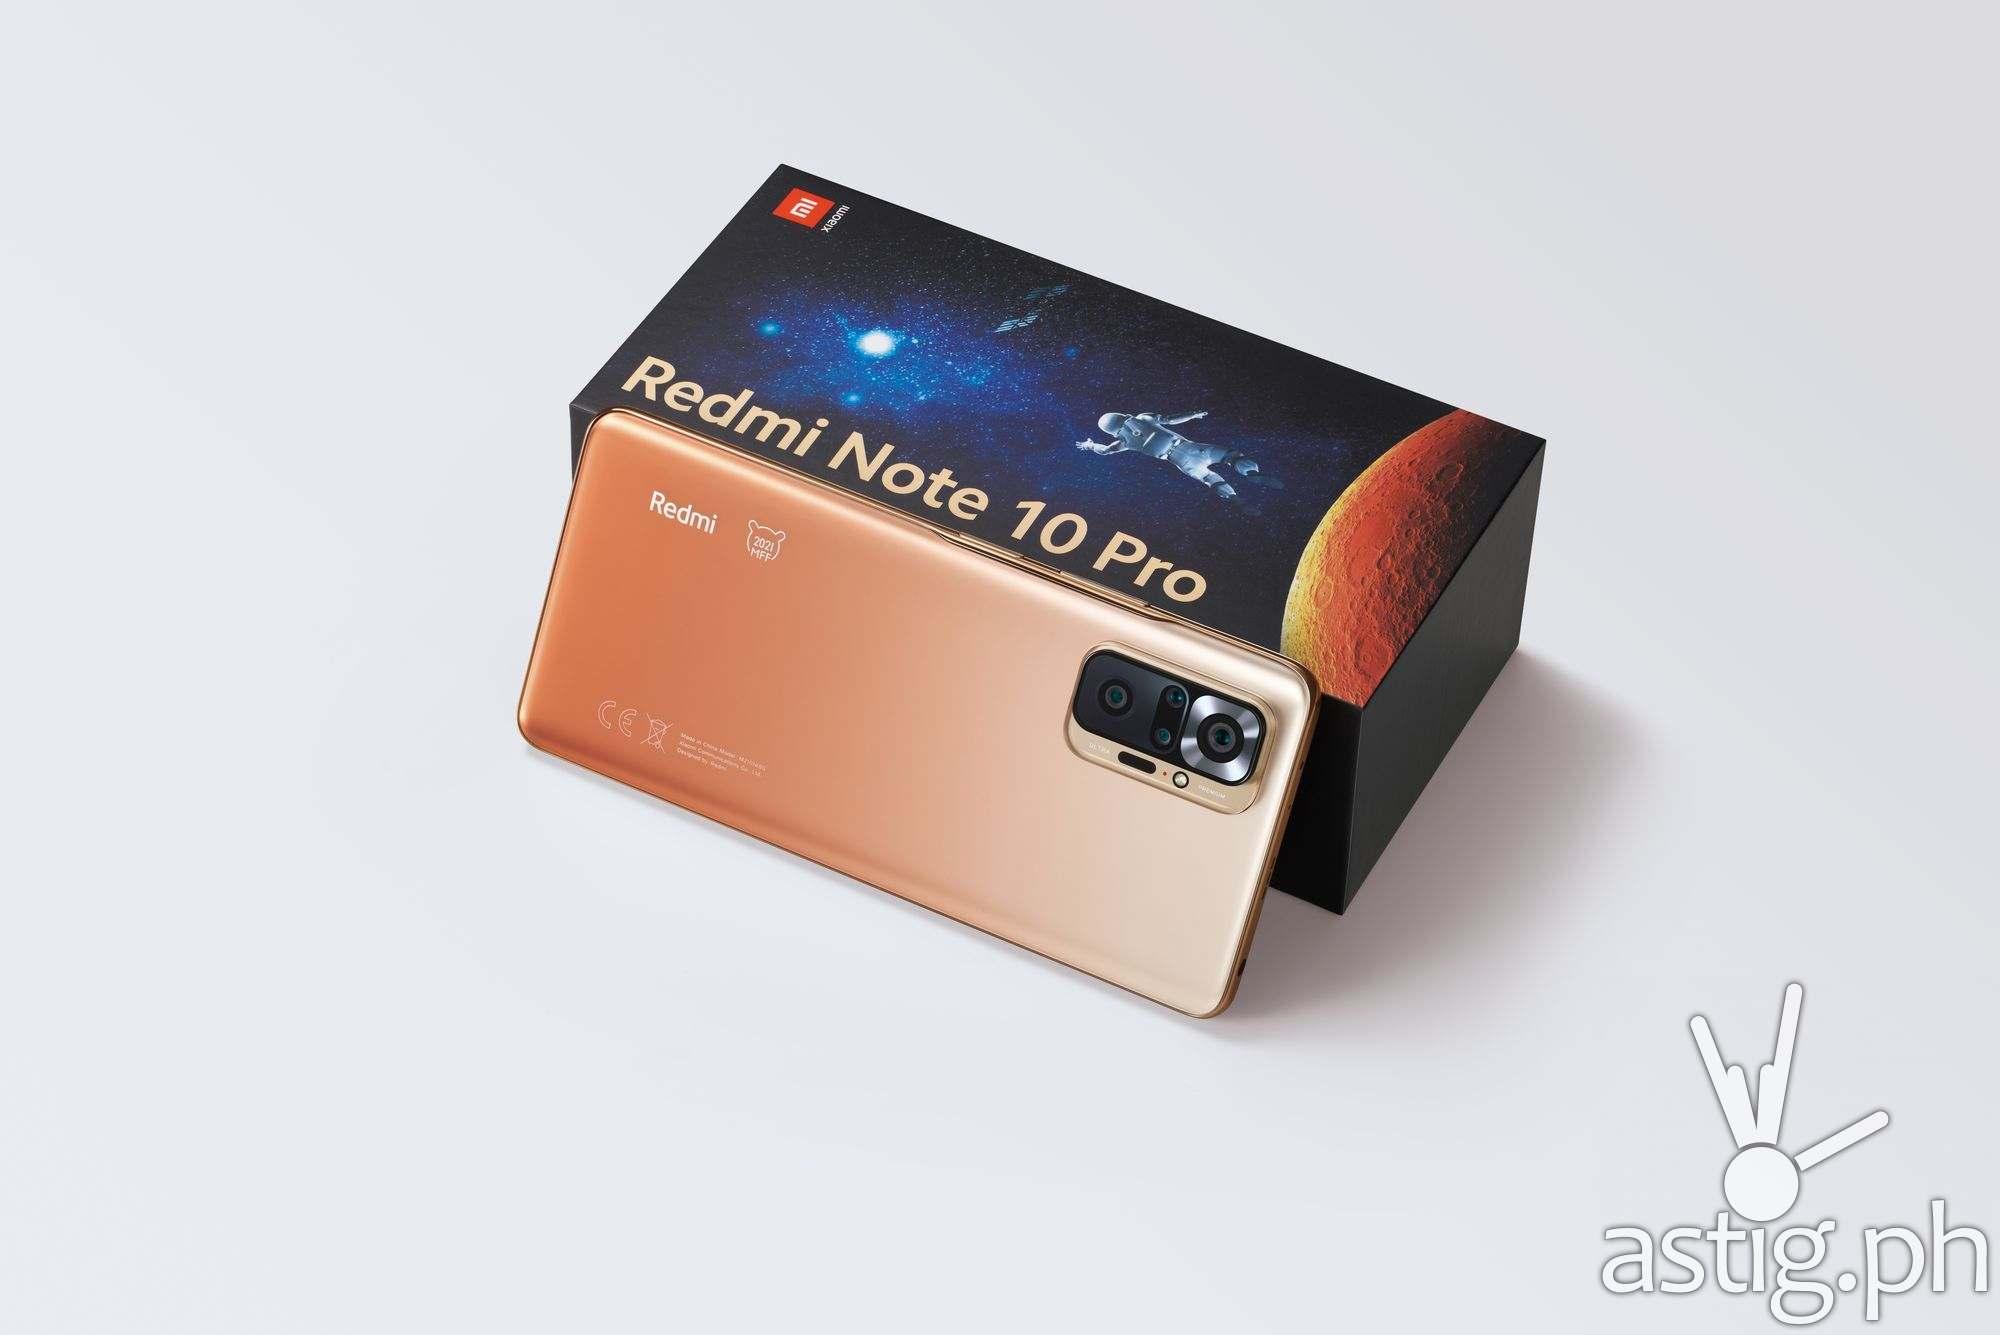 Phone & box - Redmi Note 10 Pro Mi Fan Festival Special Edition